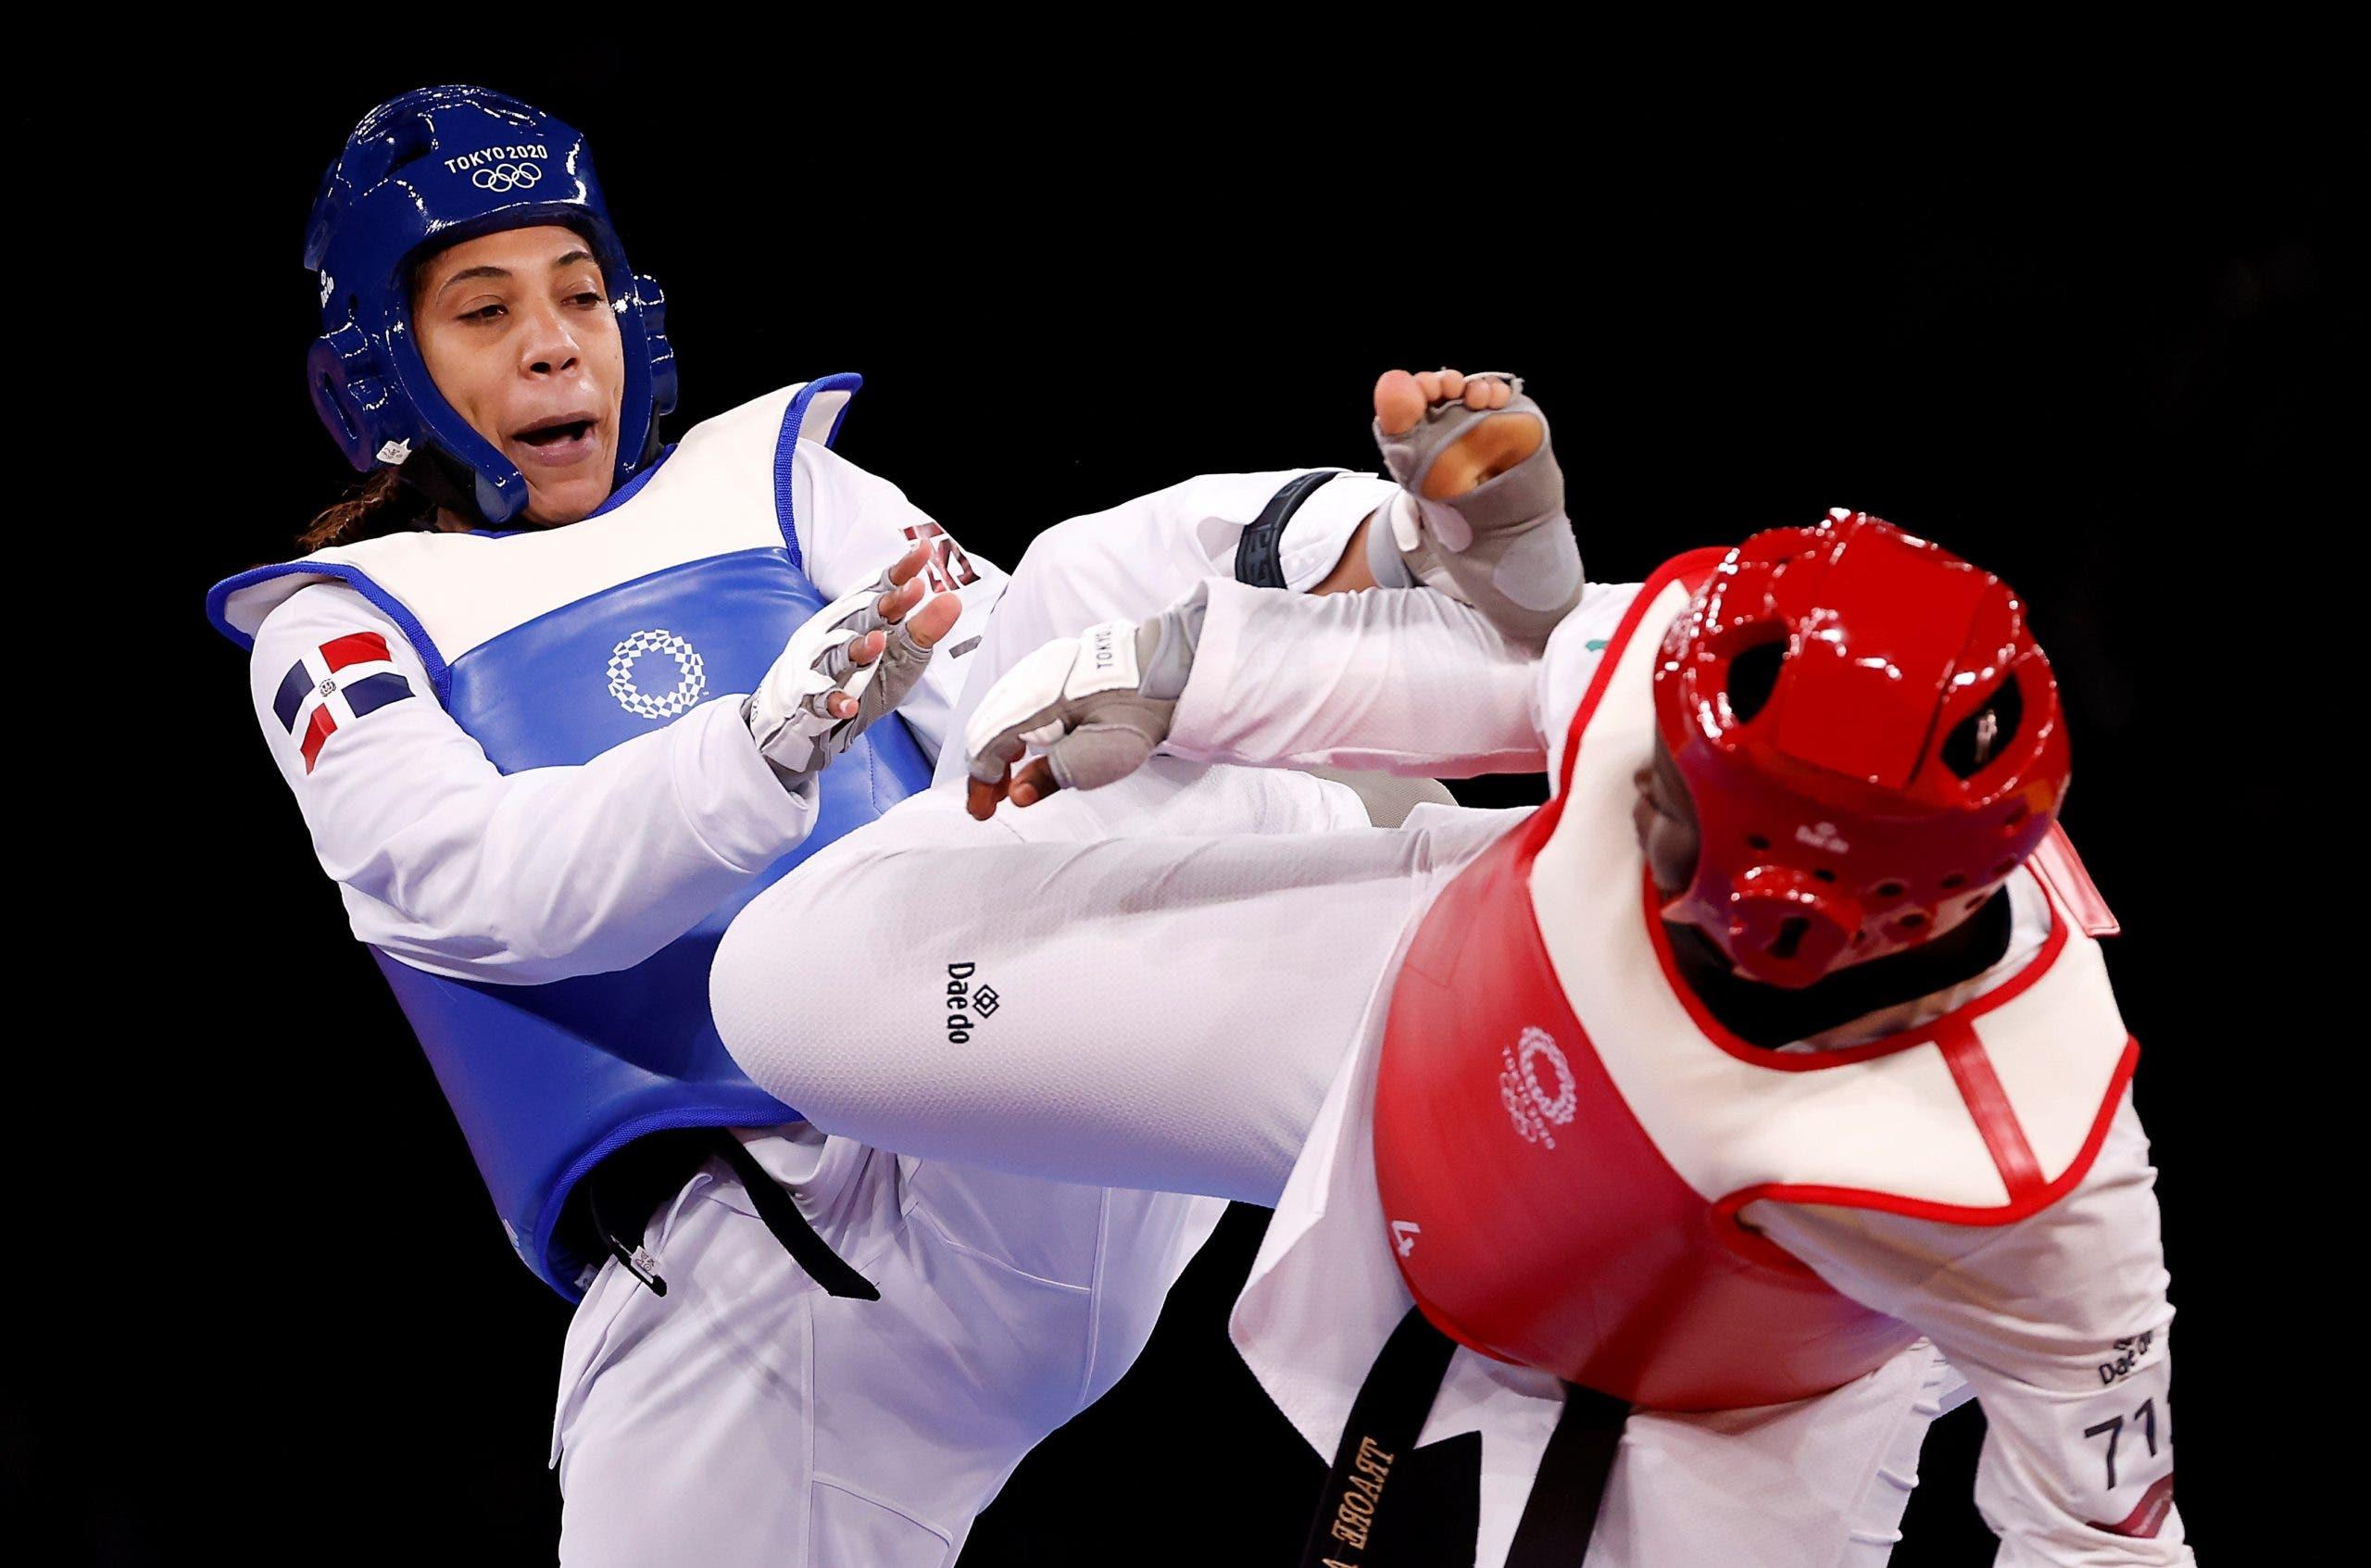 Dirigente deportivo dice: Atletas que están en Olímpicos merecen incentivos aunque no obtengan medallas